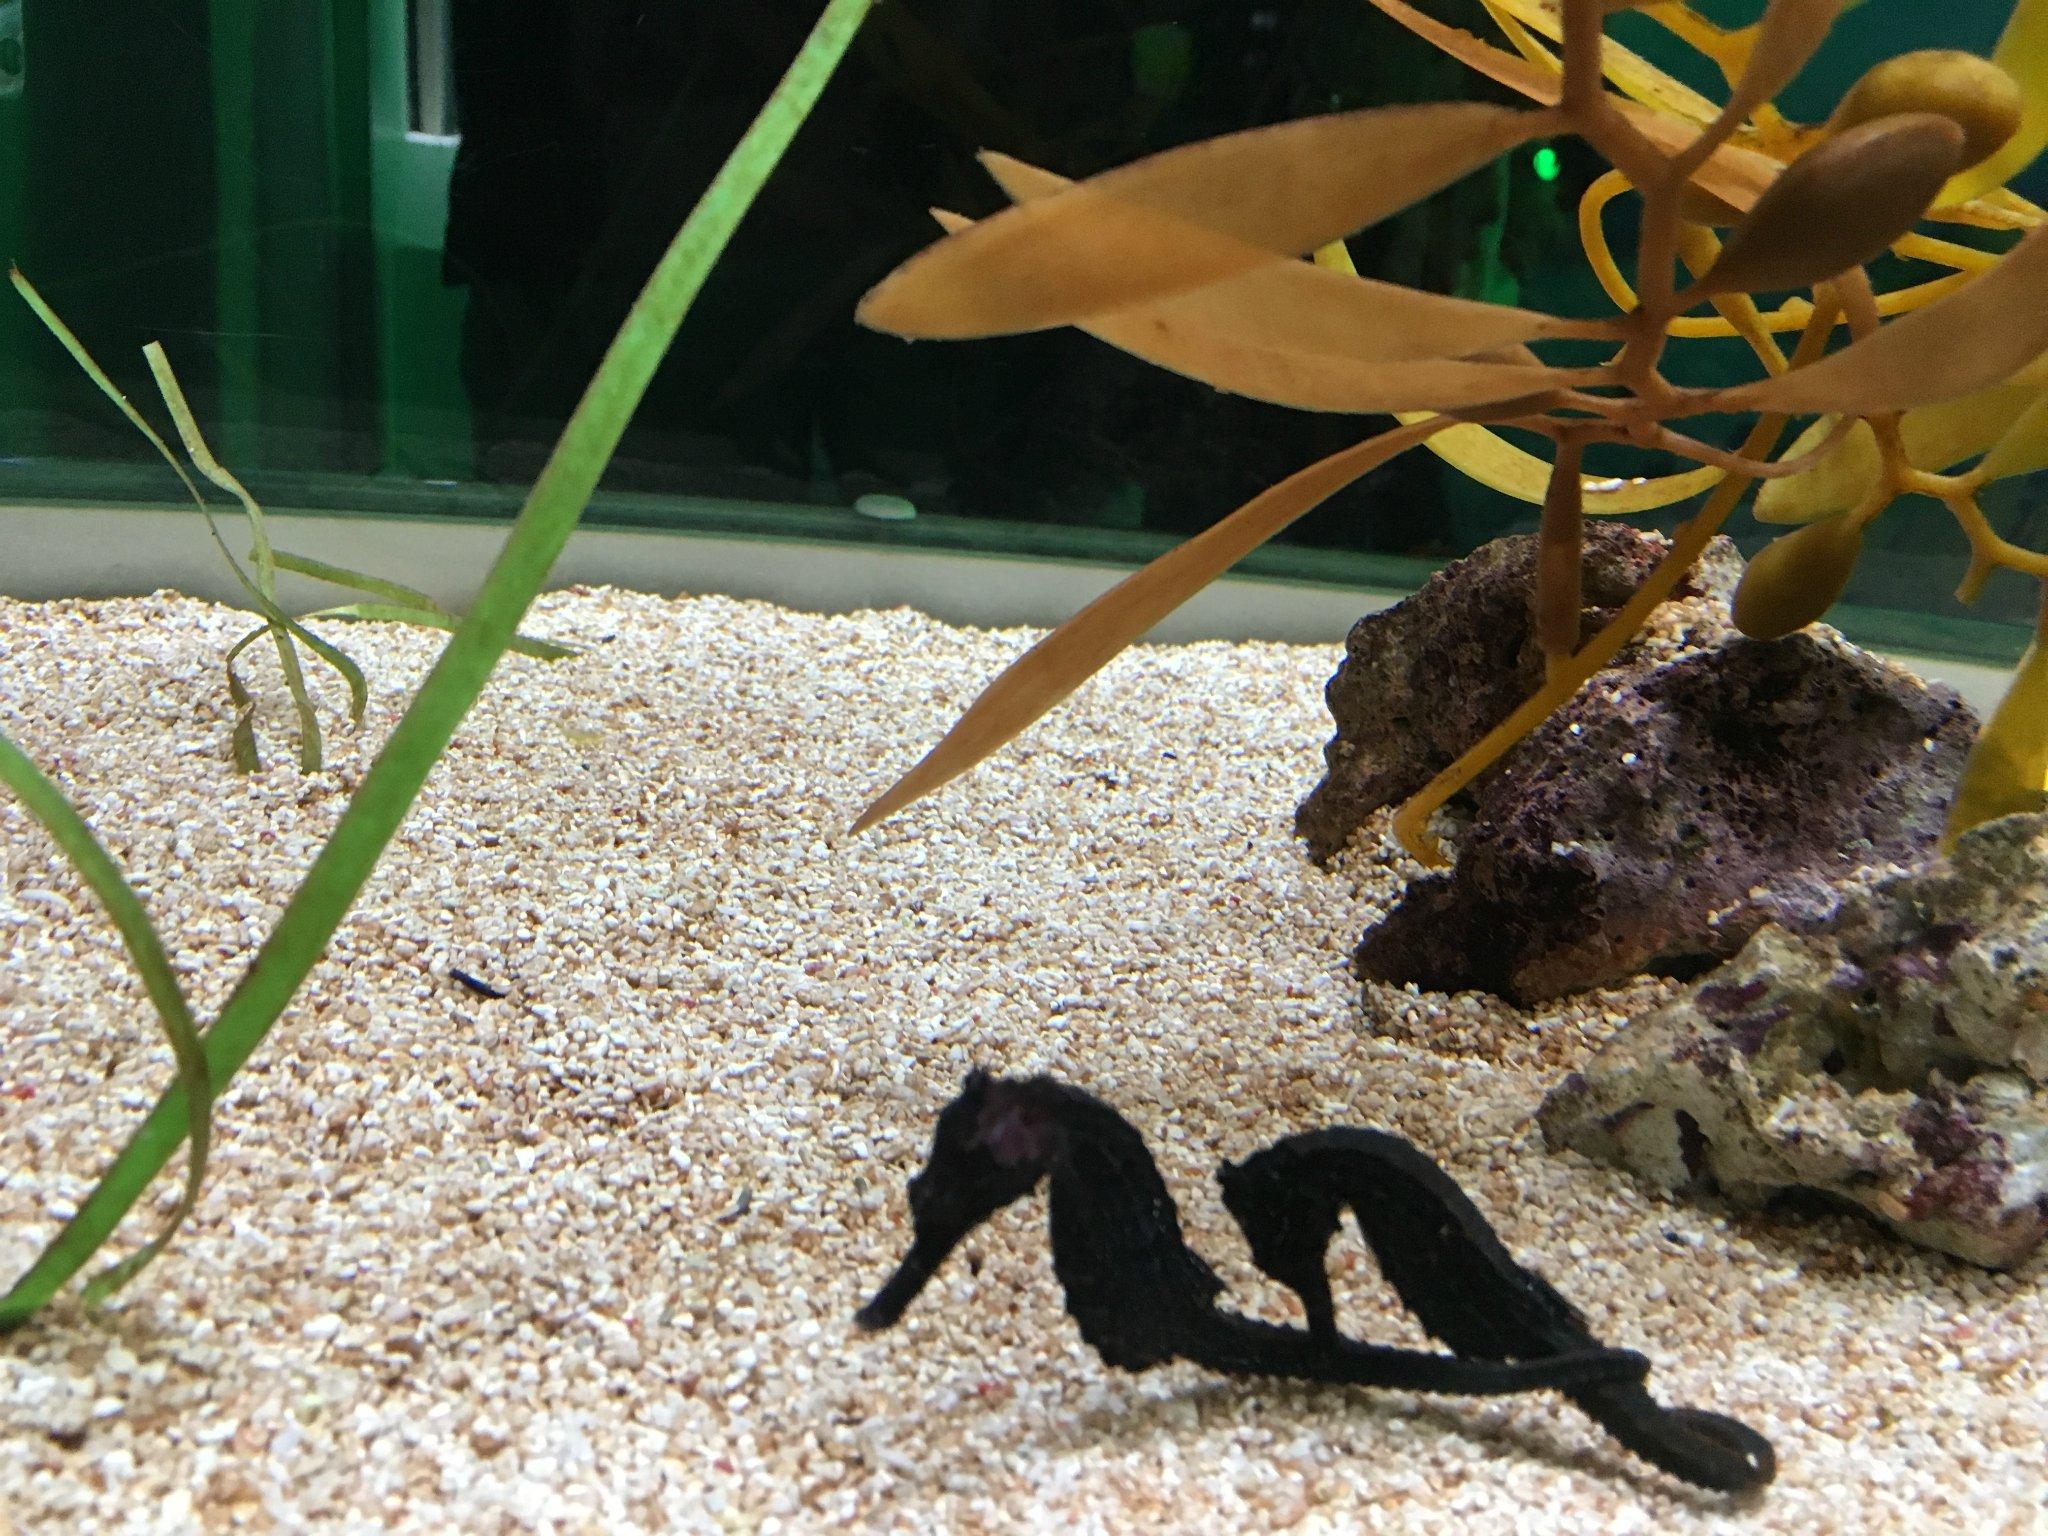 11天)  这样的设计很不错,既能看到动物们在水中的姿态,又能看到水面